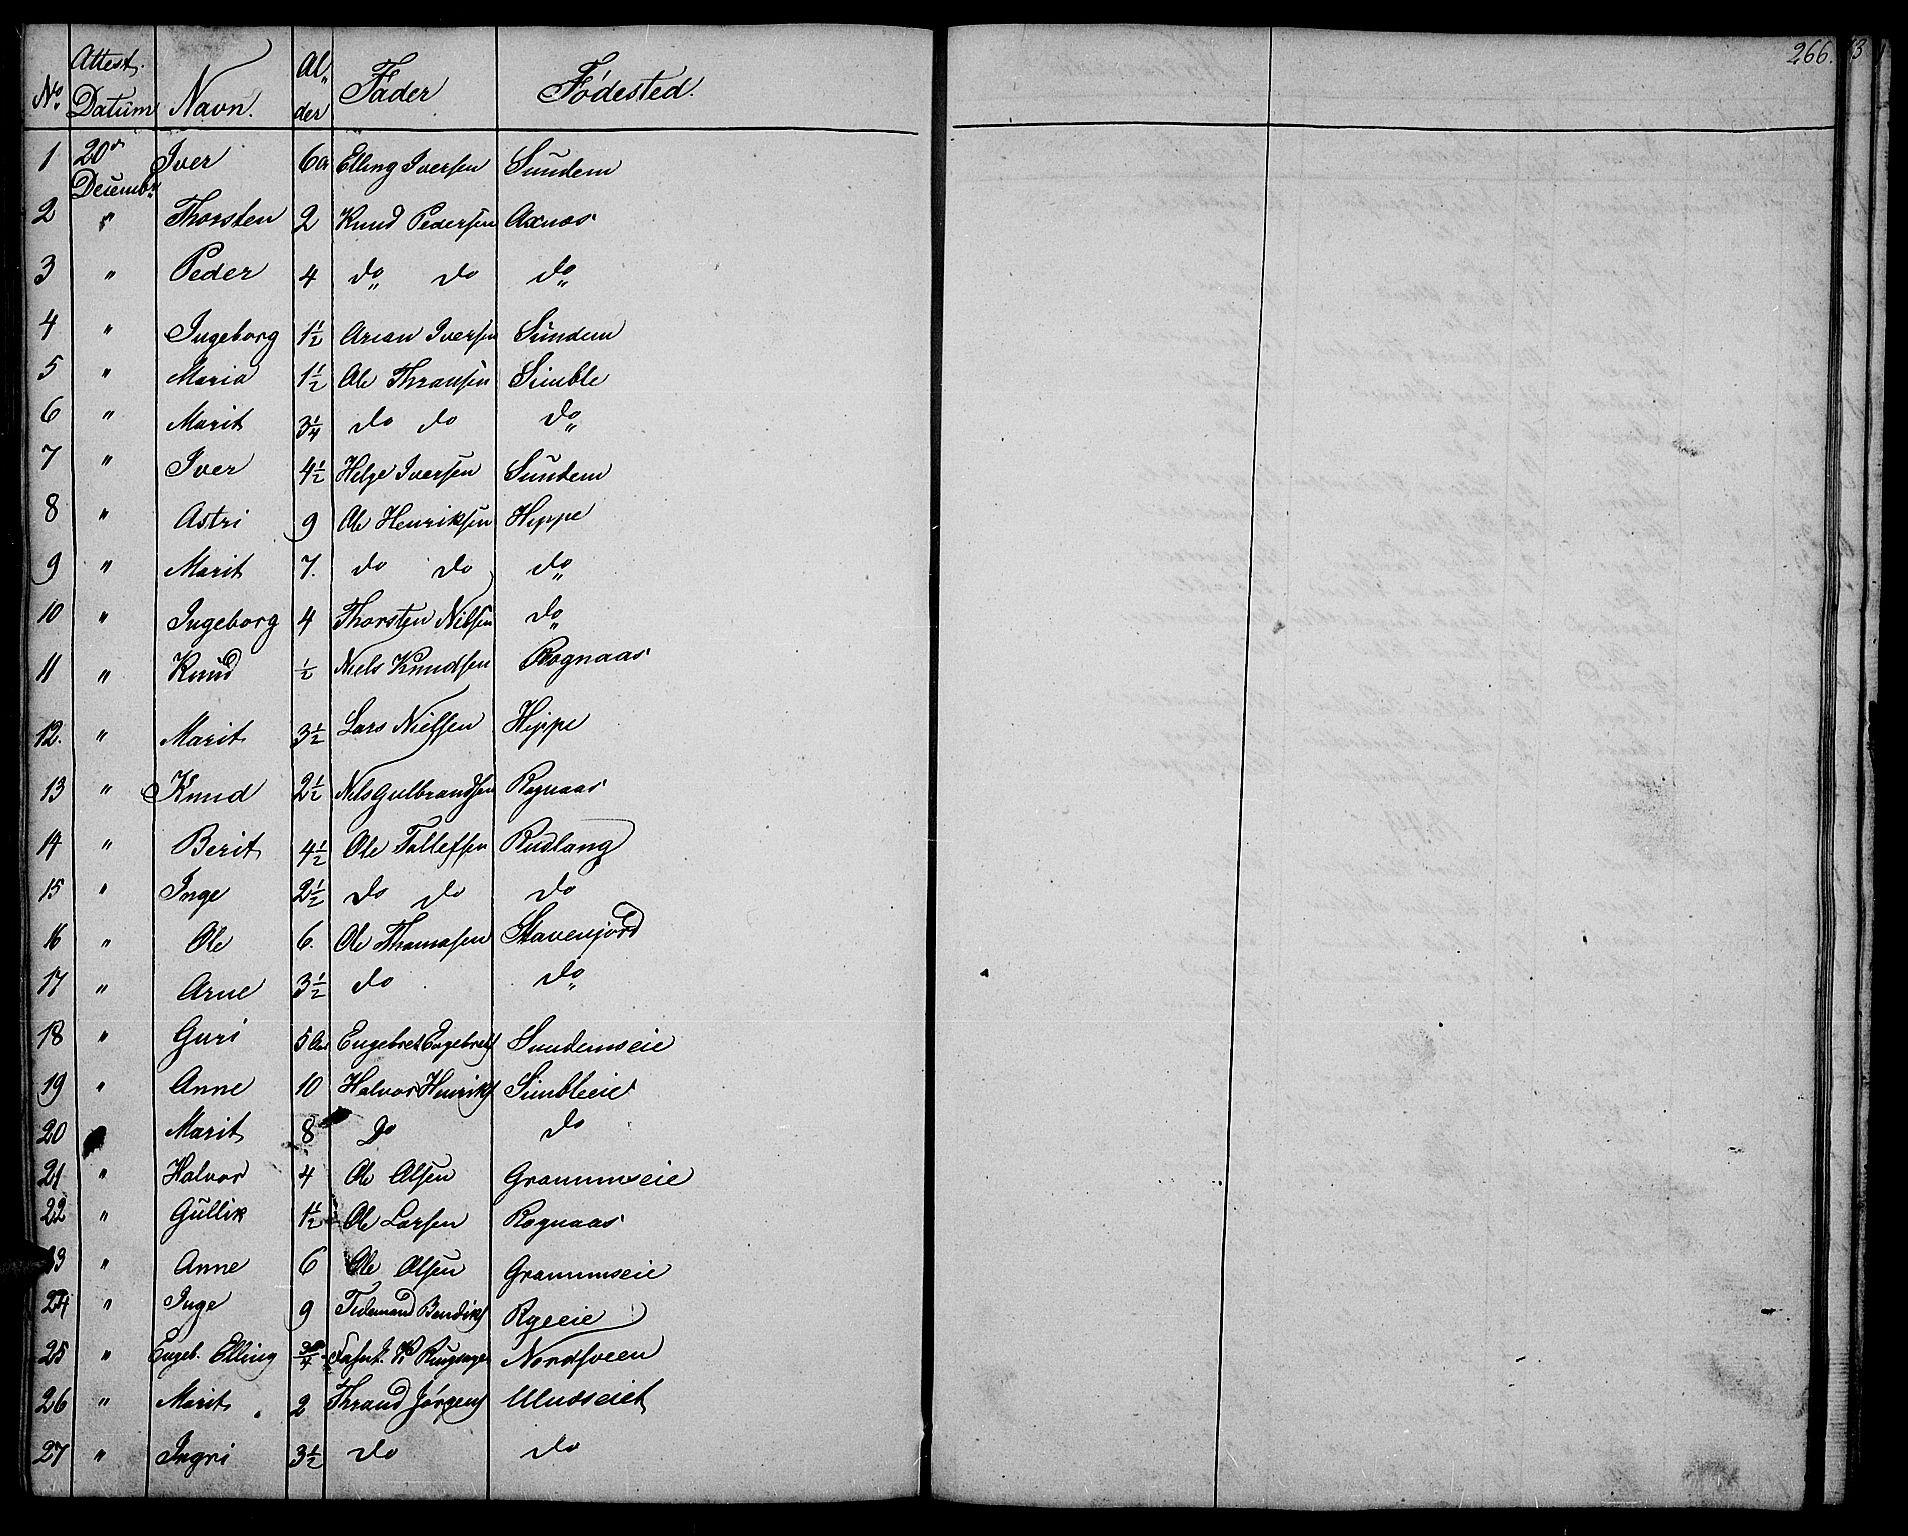 SAH, Nord-Aurdal prestekontor, Klokkerbok nr. 4, 1842-1882, s. 266